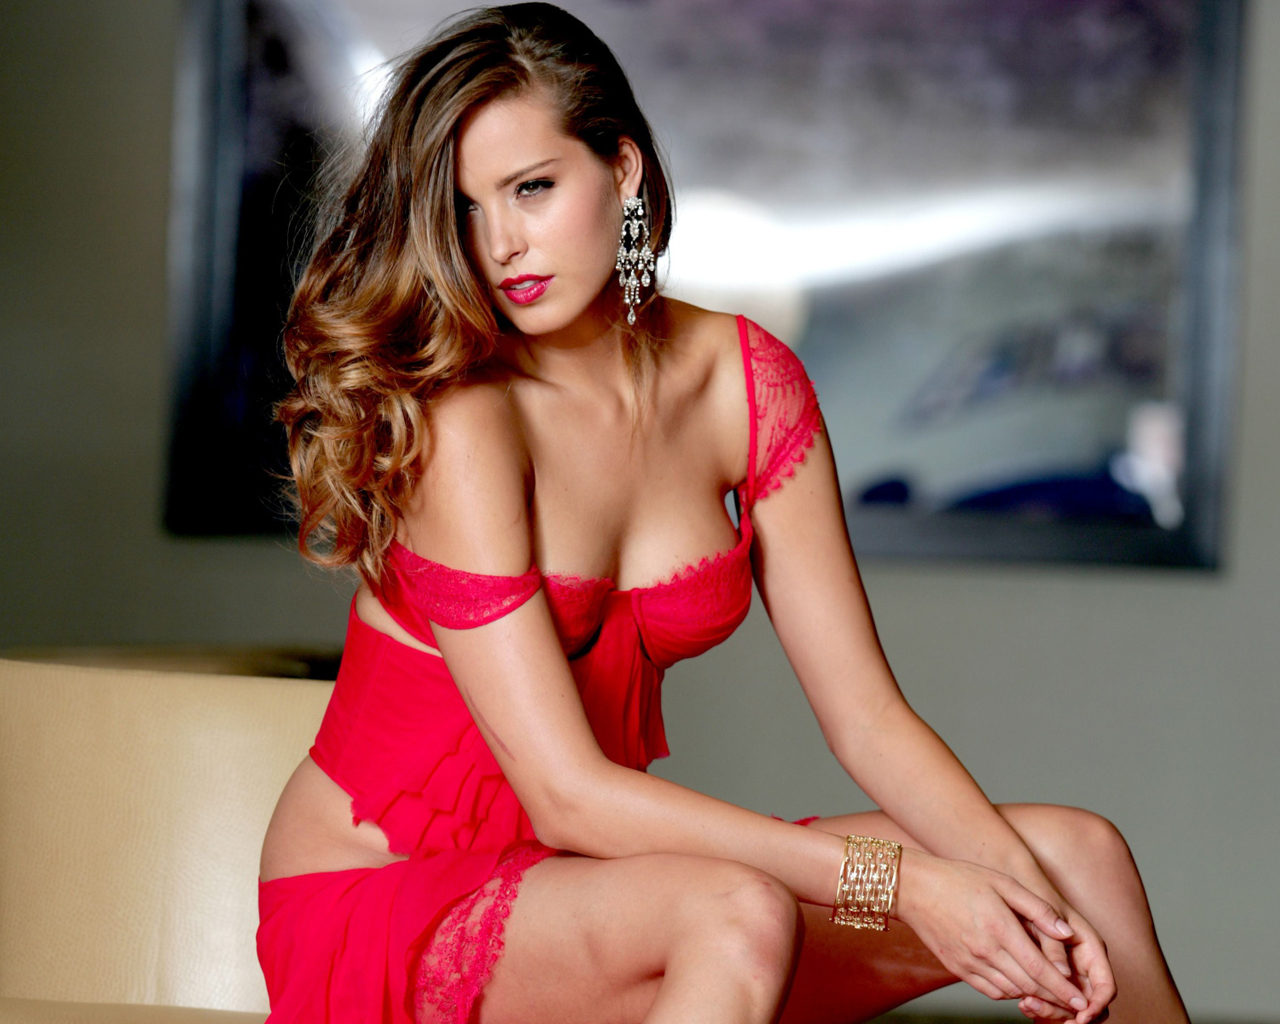 http://1.bp.blogspot.com/-2TToEdS1Wmw/UE6dr7SfRjI/AAAAAAAABYI/a0CHDcwAjS8/s1600/Kate+Beckinsale9.jpg